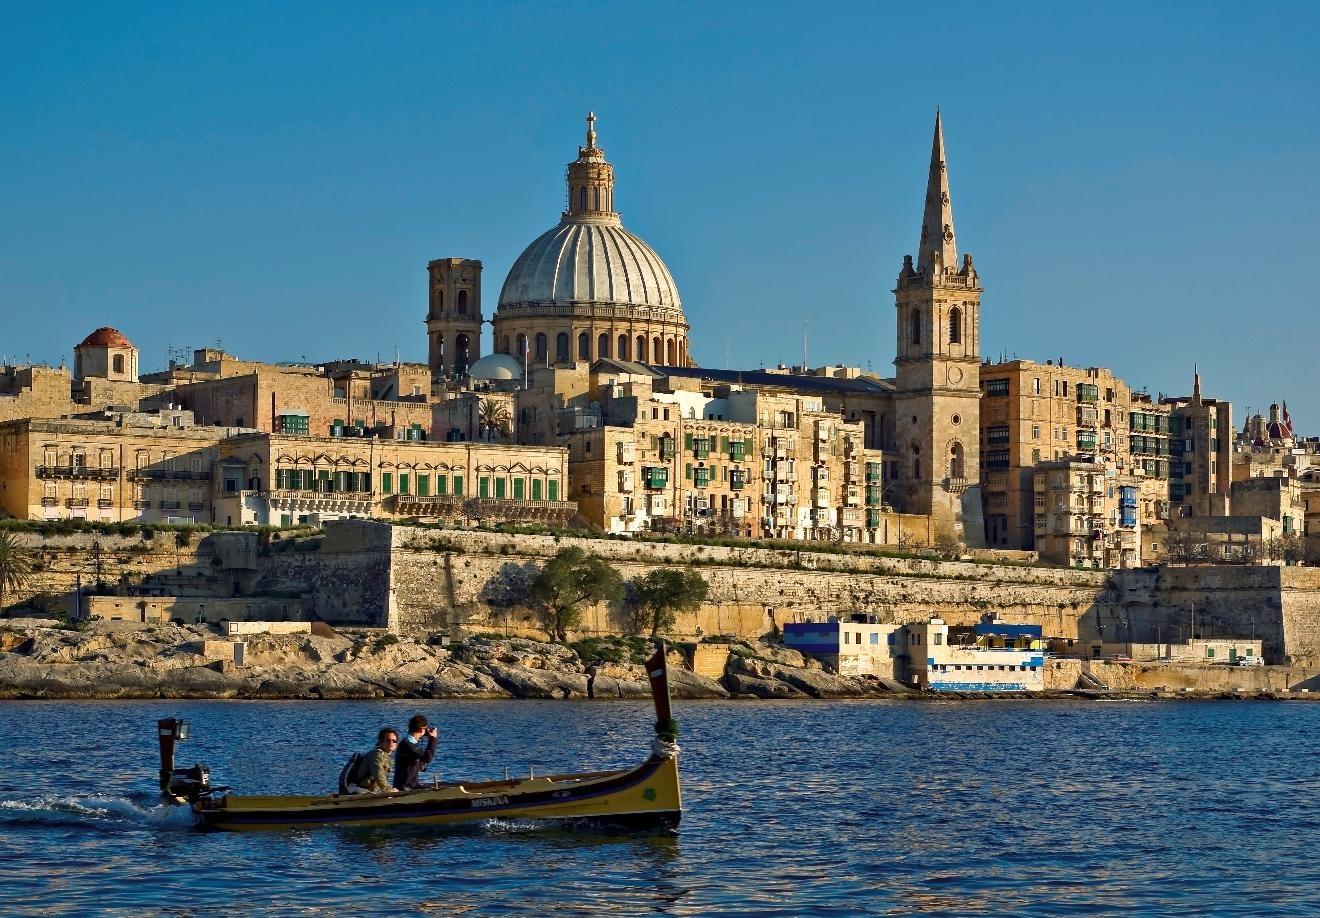 Promo cena za Maltu